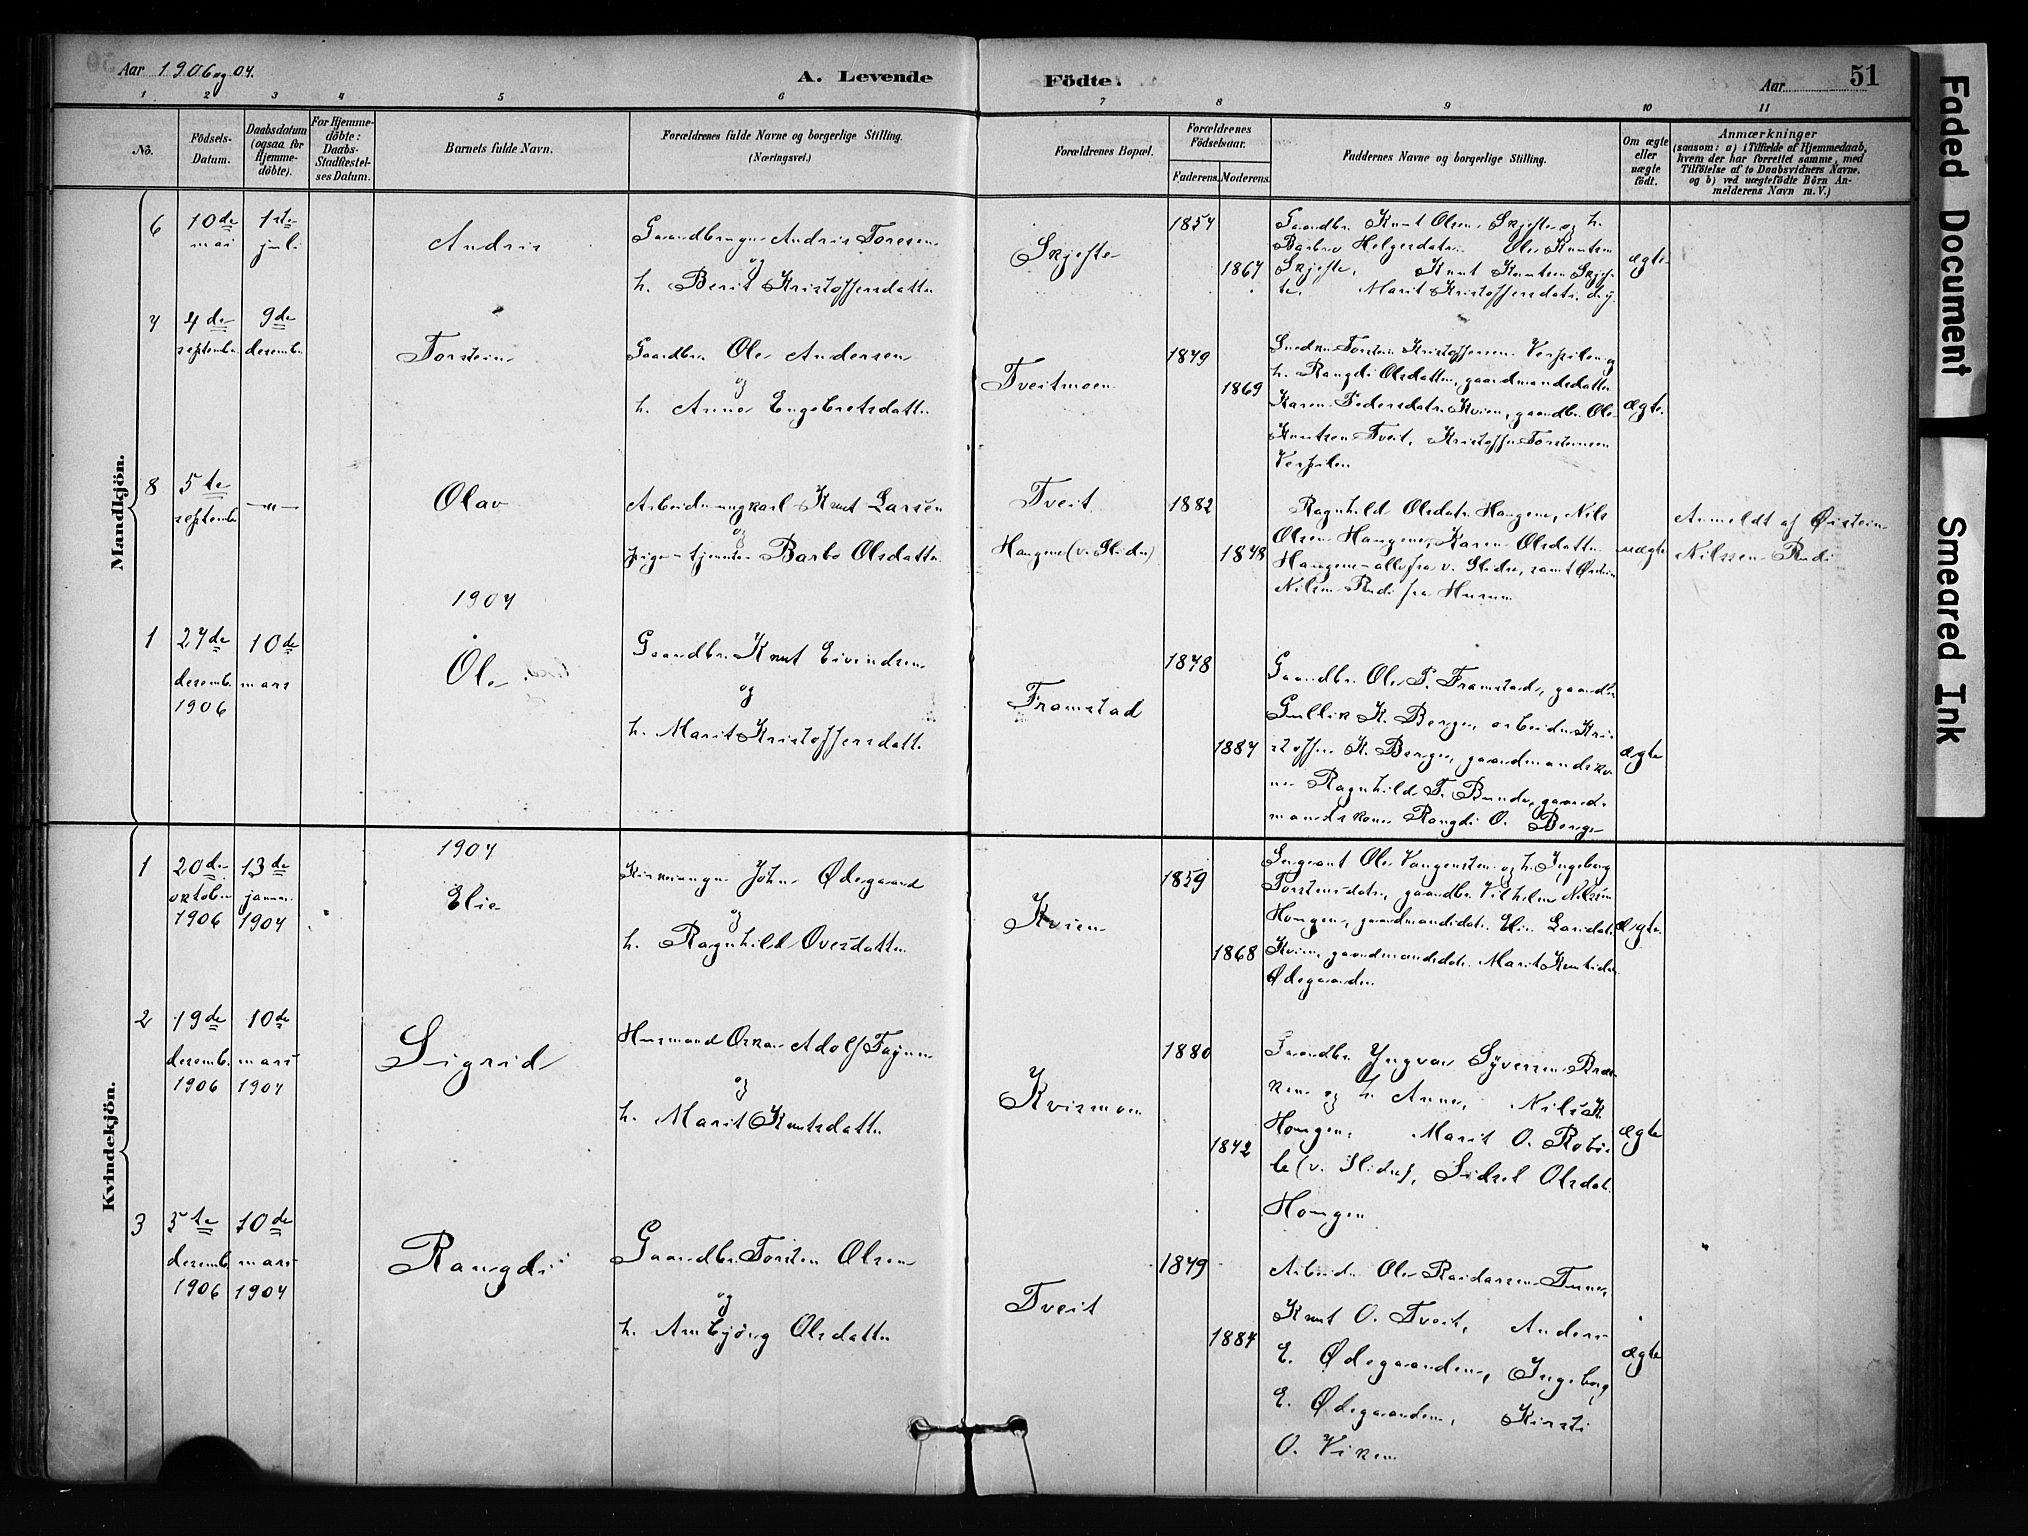 SAH, Vang prestekontor, Valdres, Ministerialbok nr. 9, 1882-1914, s. 51